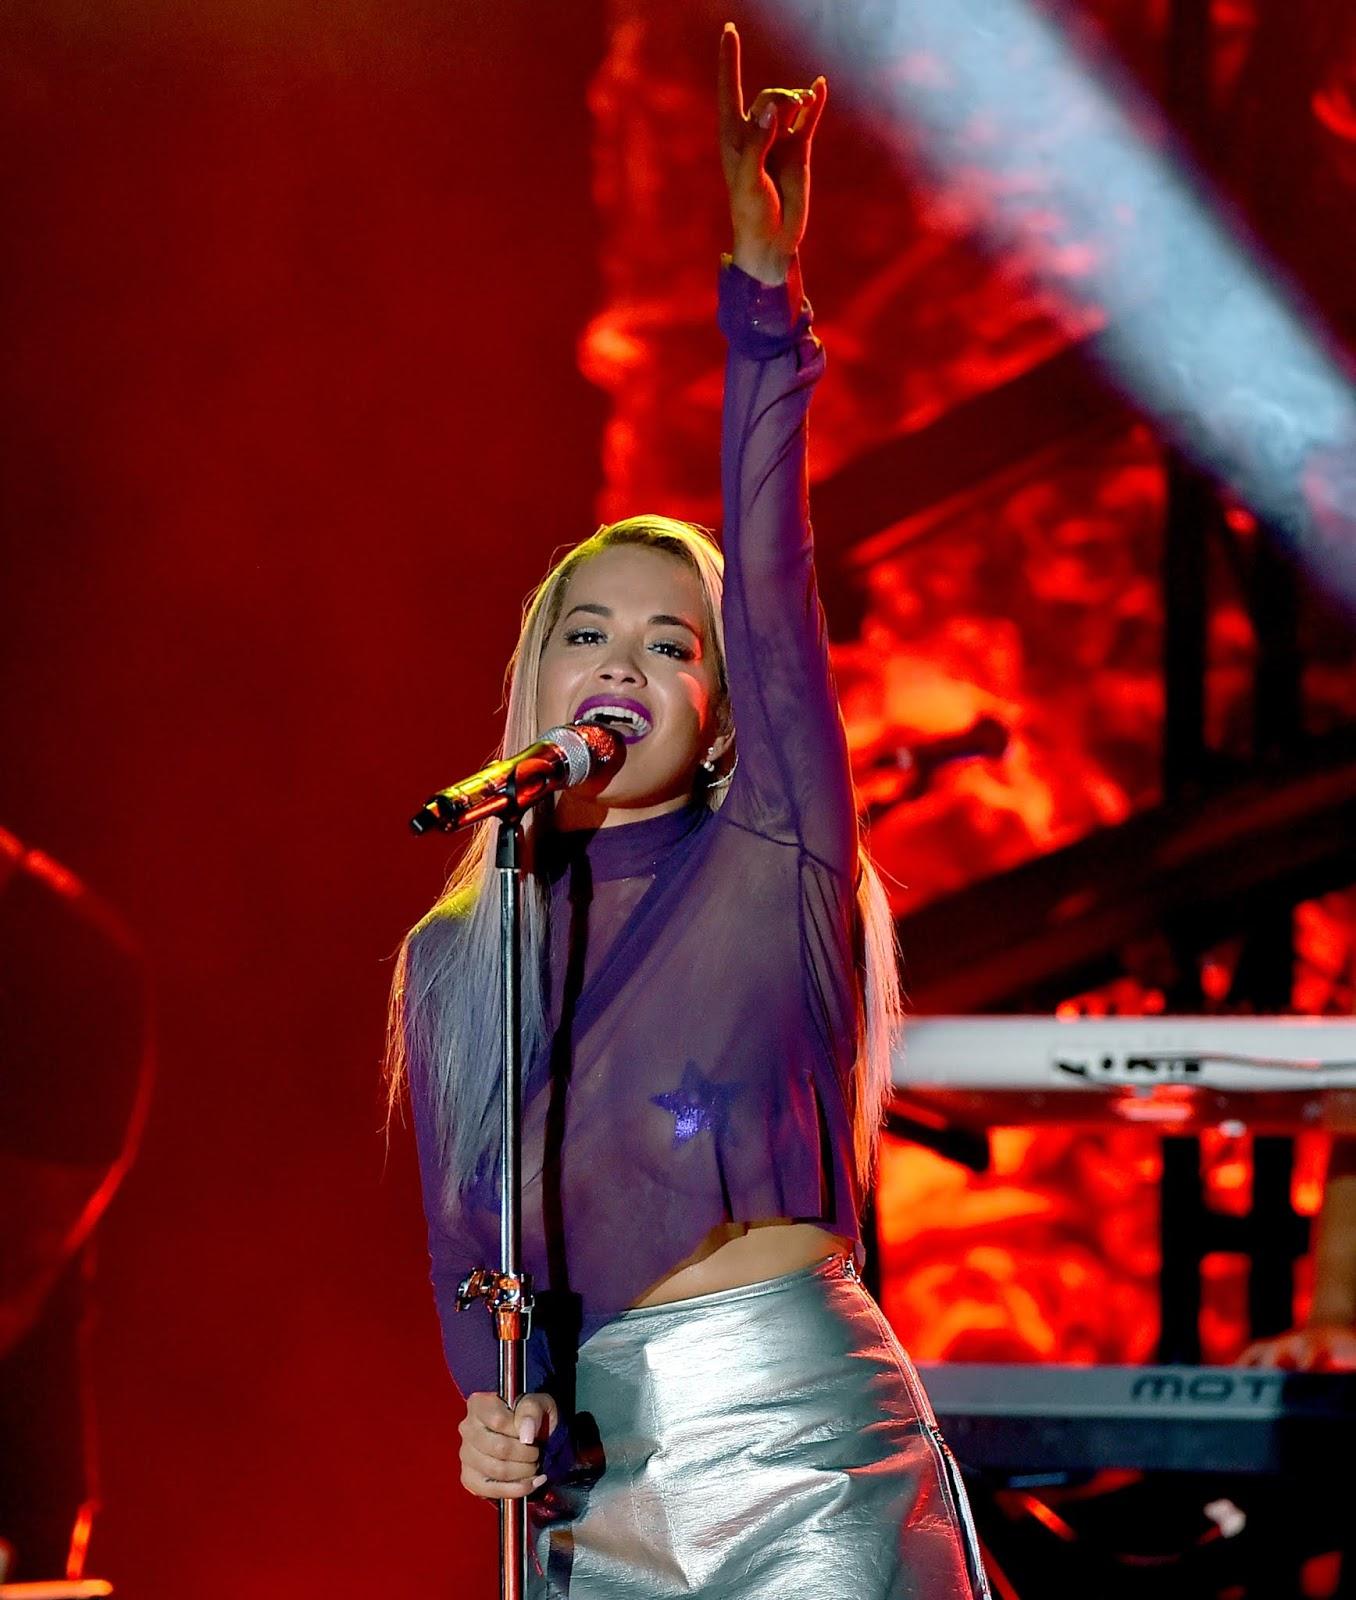 Rita Ora Braless - U.S. Tour: The El Rey, Los Angeles - 08/26/2015